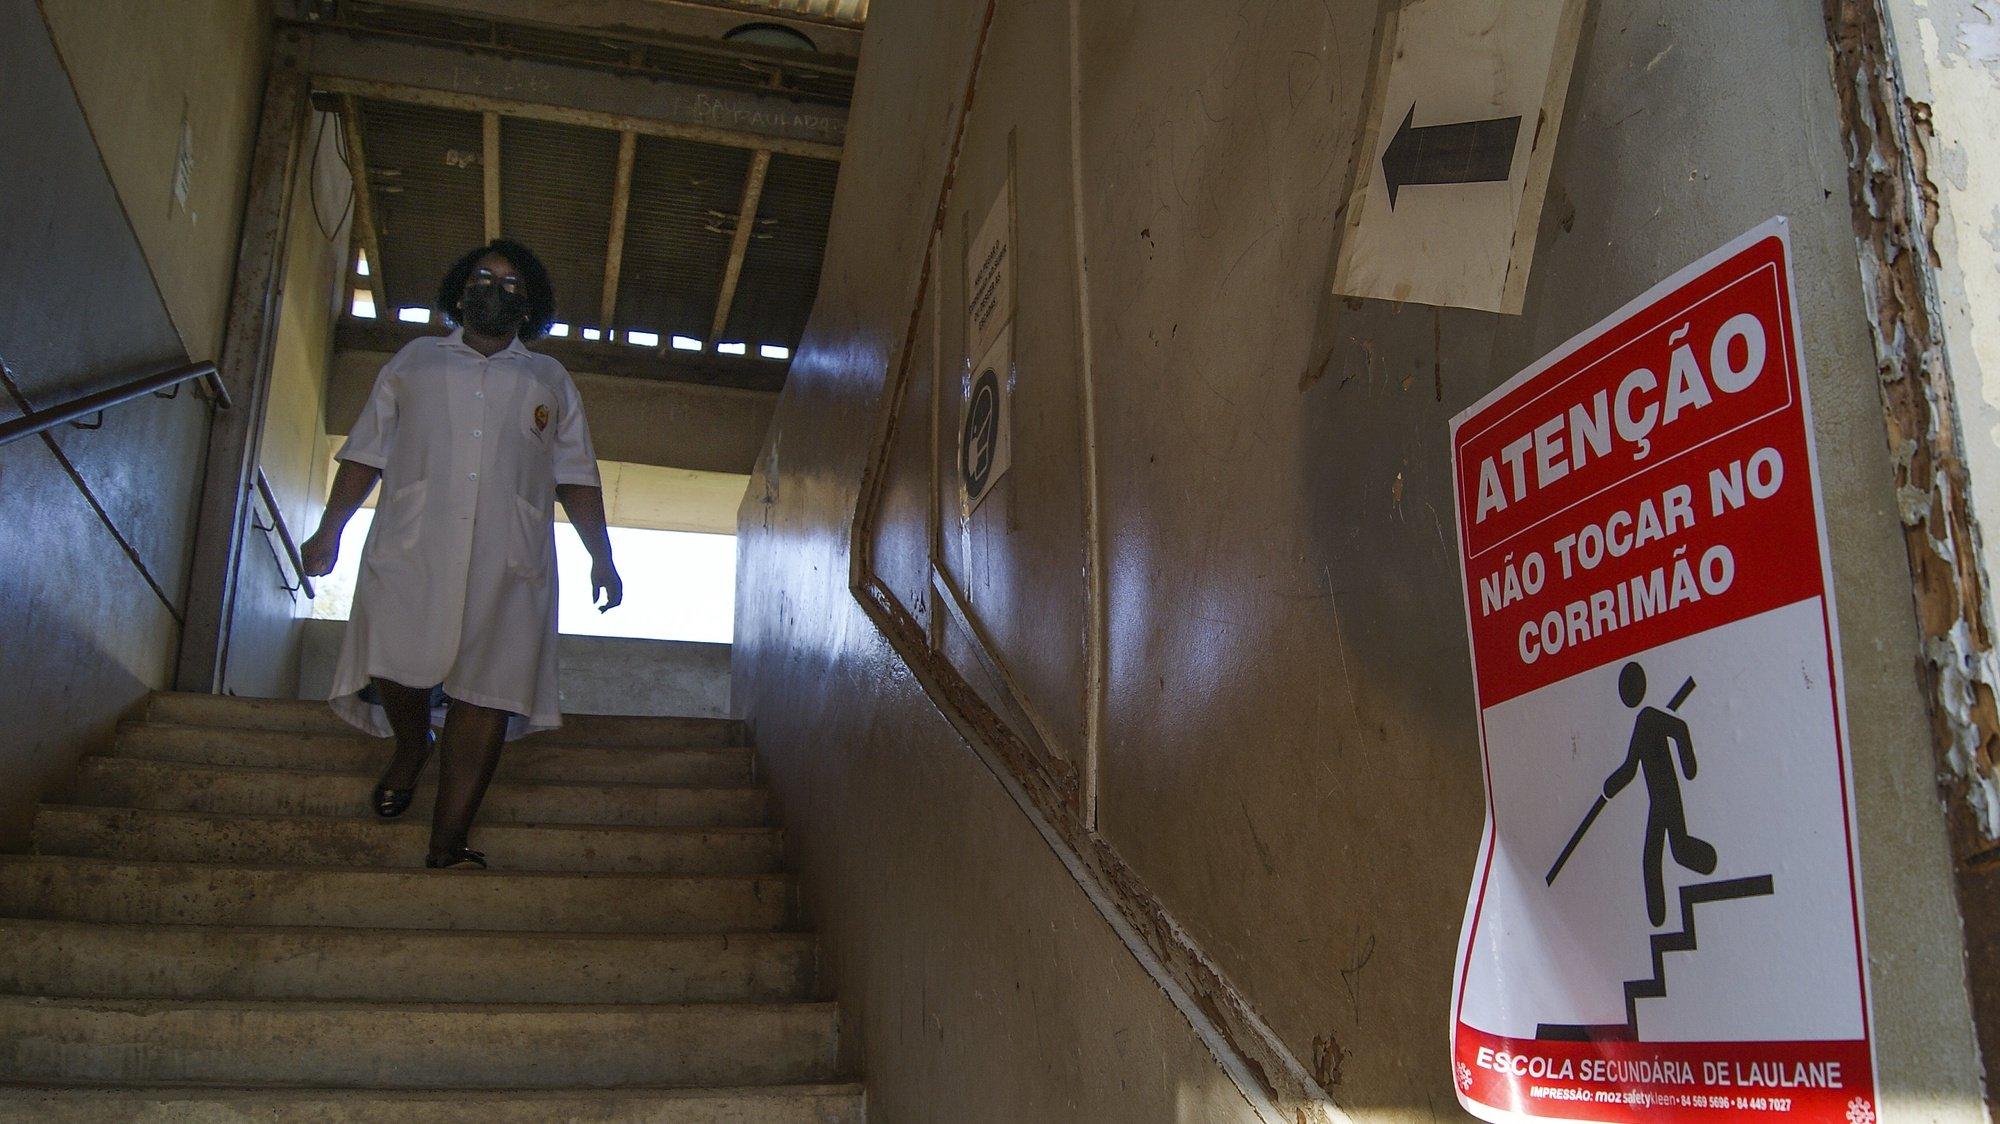 """Um cartaz de informação no acesso às escadas de uma escola onde se lê """"Atenção, Não Tocar no Corrimão"""", no primeiro dia do regresso às aulas devido à covid-19, em Maputo, Moçambique, 22 de março de 2021. Moçambique viveu em estado de emergência entre abril e setembro de 2020, vigorando desde então o estado de calamidade, designações legais para enquadrar diversas restrições com vista à prevenção da covid-19, que incluíram a suspensão das aulas. LUÍSA NHANTUMBO/LUSA"""